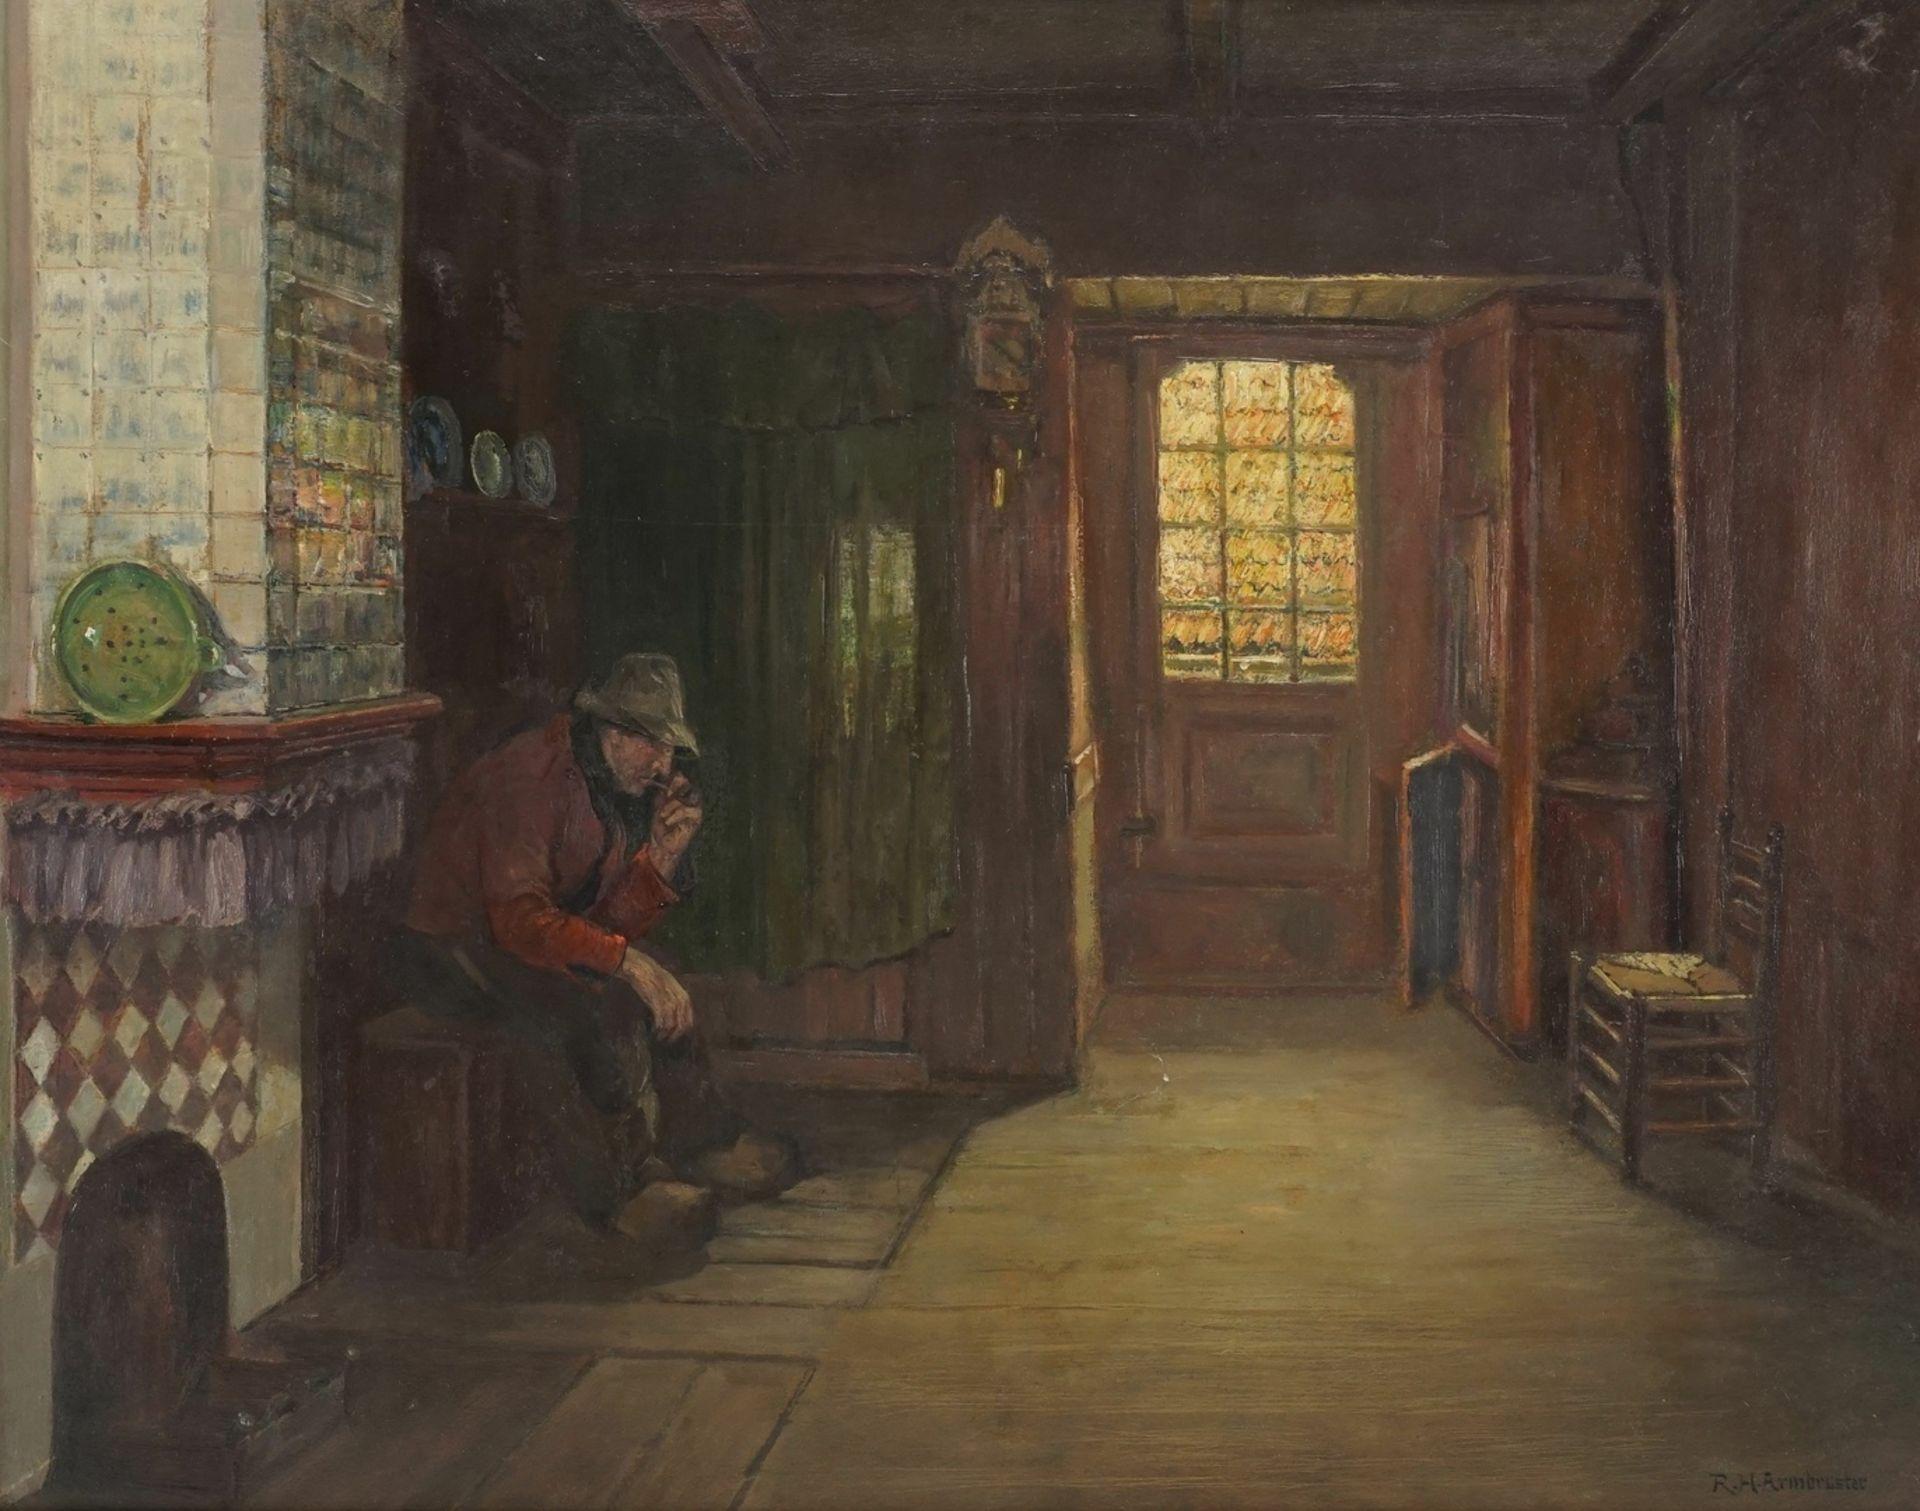 Rudolf Heinrich Armbruster, Holländisches Interieur mit Pfeiferaucher